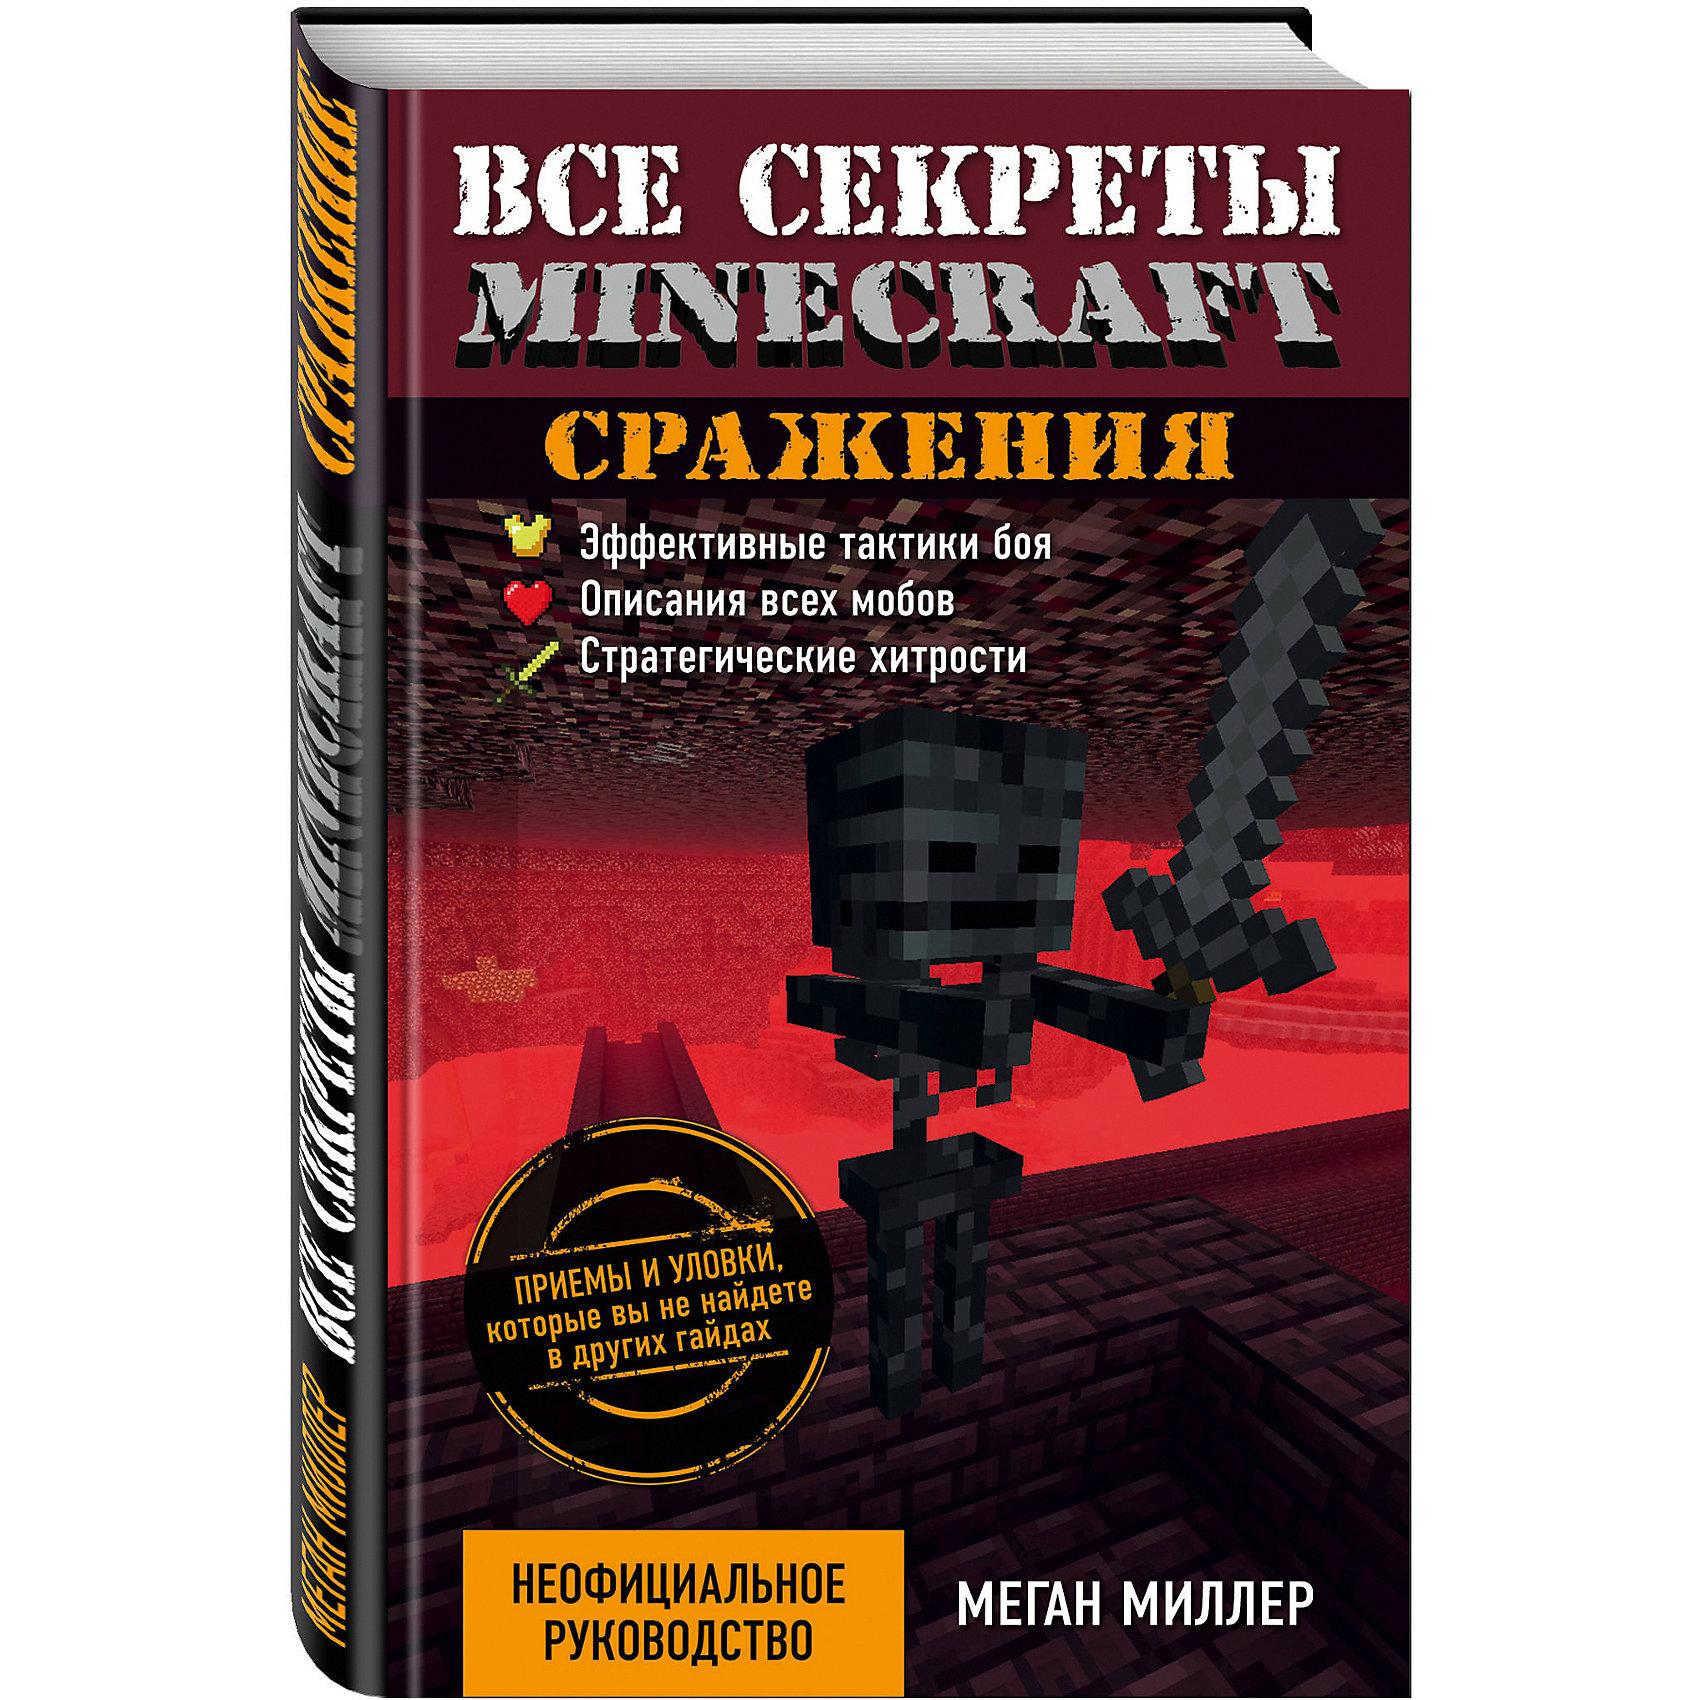 Все секреты Minecraft: СраженияЭксмо<br>Характеристики товара: <br><br>• ISBN: 9785699863969<br>• возраст от: 10 лет<br>• формат: 84x108/32<br>• бумага: мелованная<br>• обложка: мягкая<br>• серия: Minecraft<br>• издательство: Эксмо-Пресс<br>• иллюстрации: черно-белые<br>• автор: Миллер Меган<br>• переводчик: Райтман М. А.<br>• количество страниц: 128<br>• размеры: 20x13 см<br><br>Издание «Все секреты Minecraft: Сражения» - проводник в многофункциональной игре-песочнице. Из него можно узнать интересные и полезные сведения об оружии и научиться сражаться как профессионал.<br><br>Minecraft - это современная игра, имеющая множество поклонников. Любители этого мира будут в восторге от этого издания.<br><br>«Все секреты Minecraft: Сражения» можно купить в нашем интернет-магазине.<br><br>Ширина мм: 200<br>Глубина мм: 125<br>Высота мм: 50<br>Вес г: 222<br>Возраст от месяцев: 192<br>Возраст до месяцев: 2147483647<br>Пол: Унисекс<br>Возраст: Детский<br>SKU: 5535335